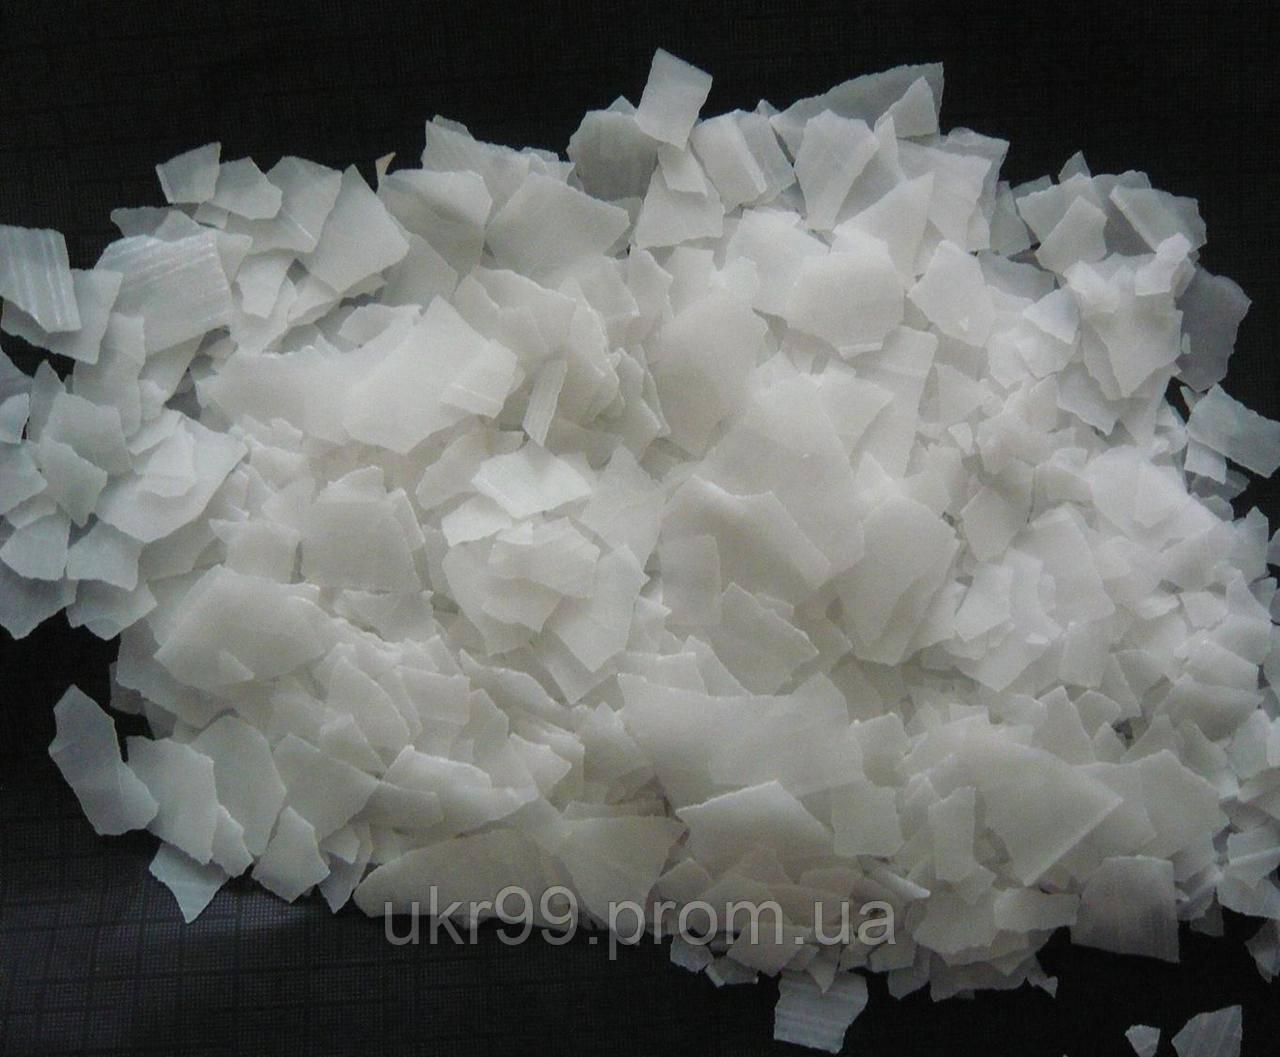 Гидроксид калия рекомендации